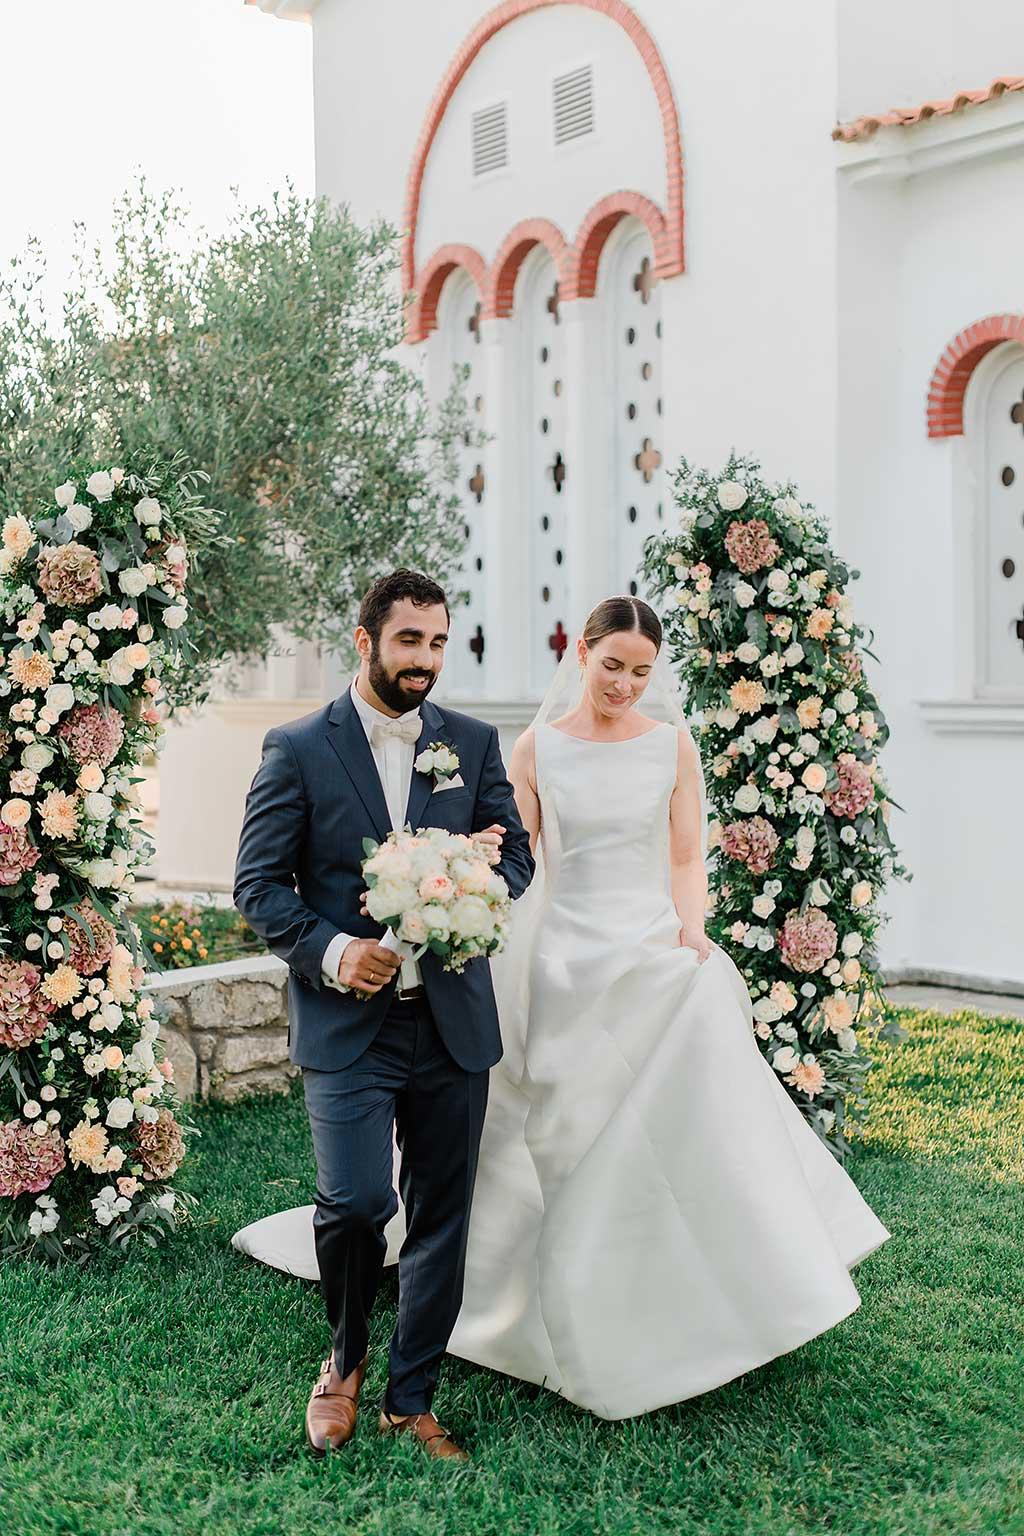 Φωτογράφος γάμου Χαλκιδική, post ceremonial photoshoot